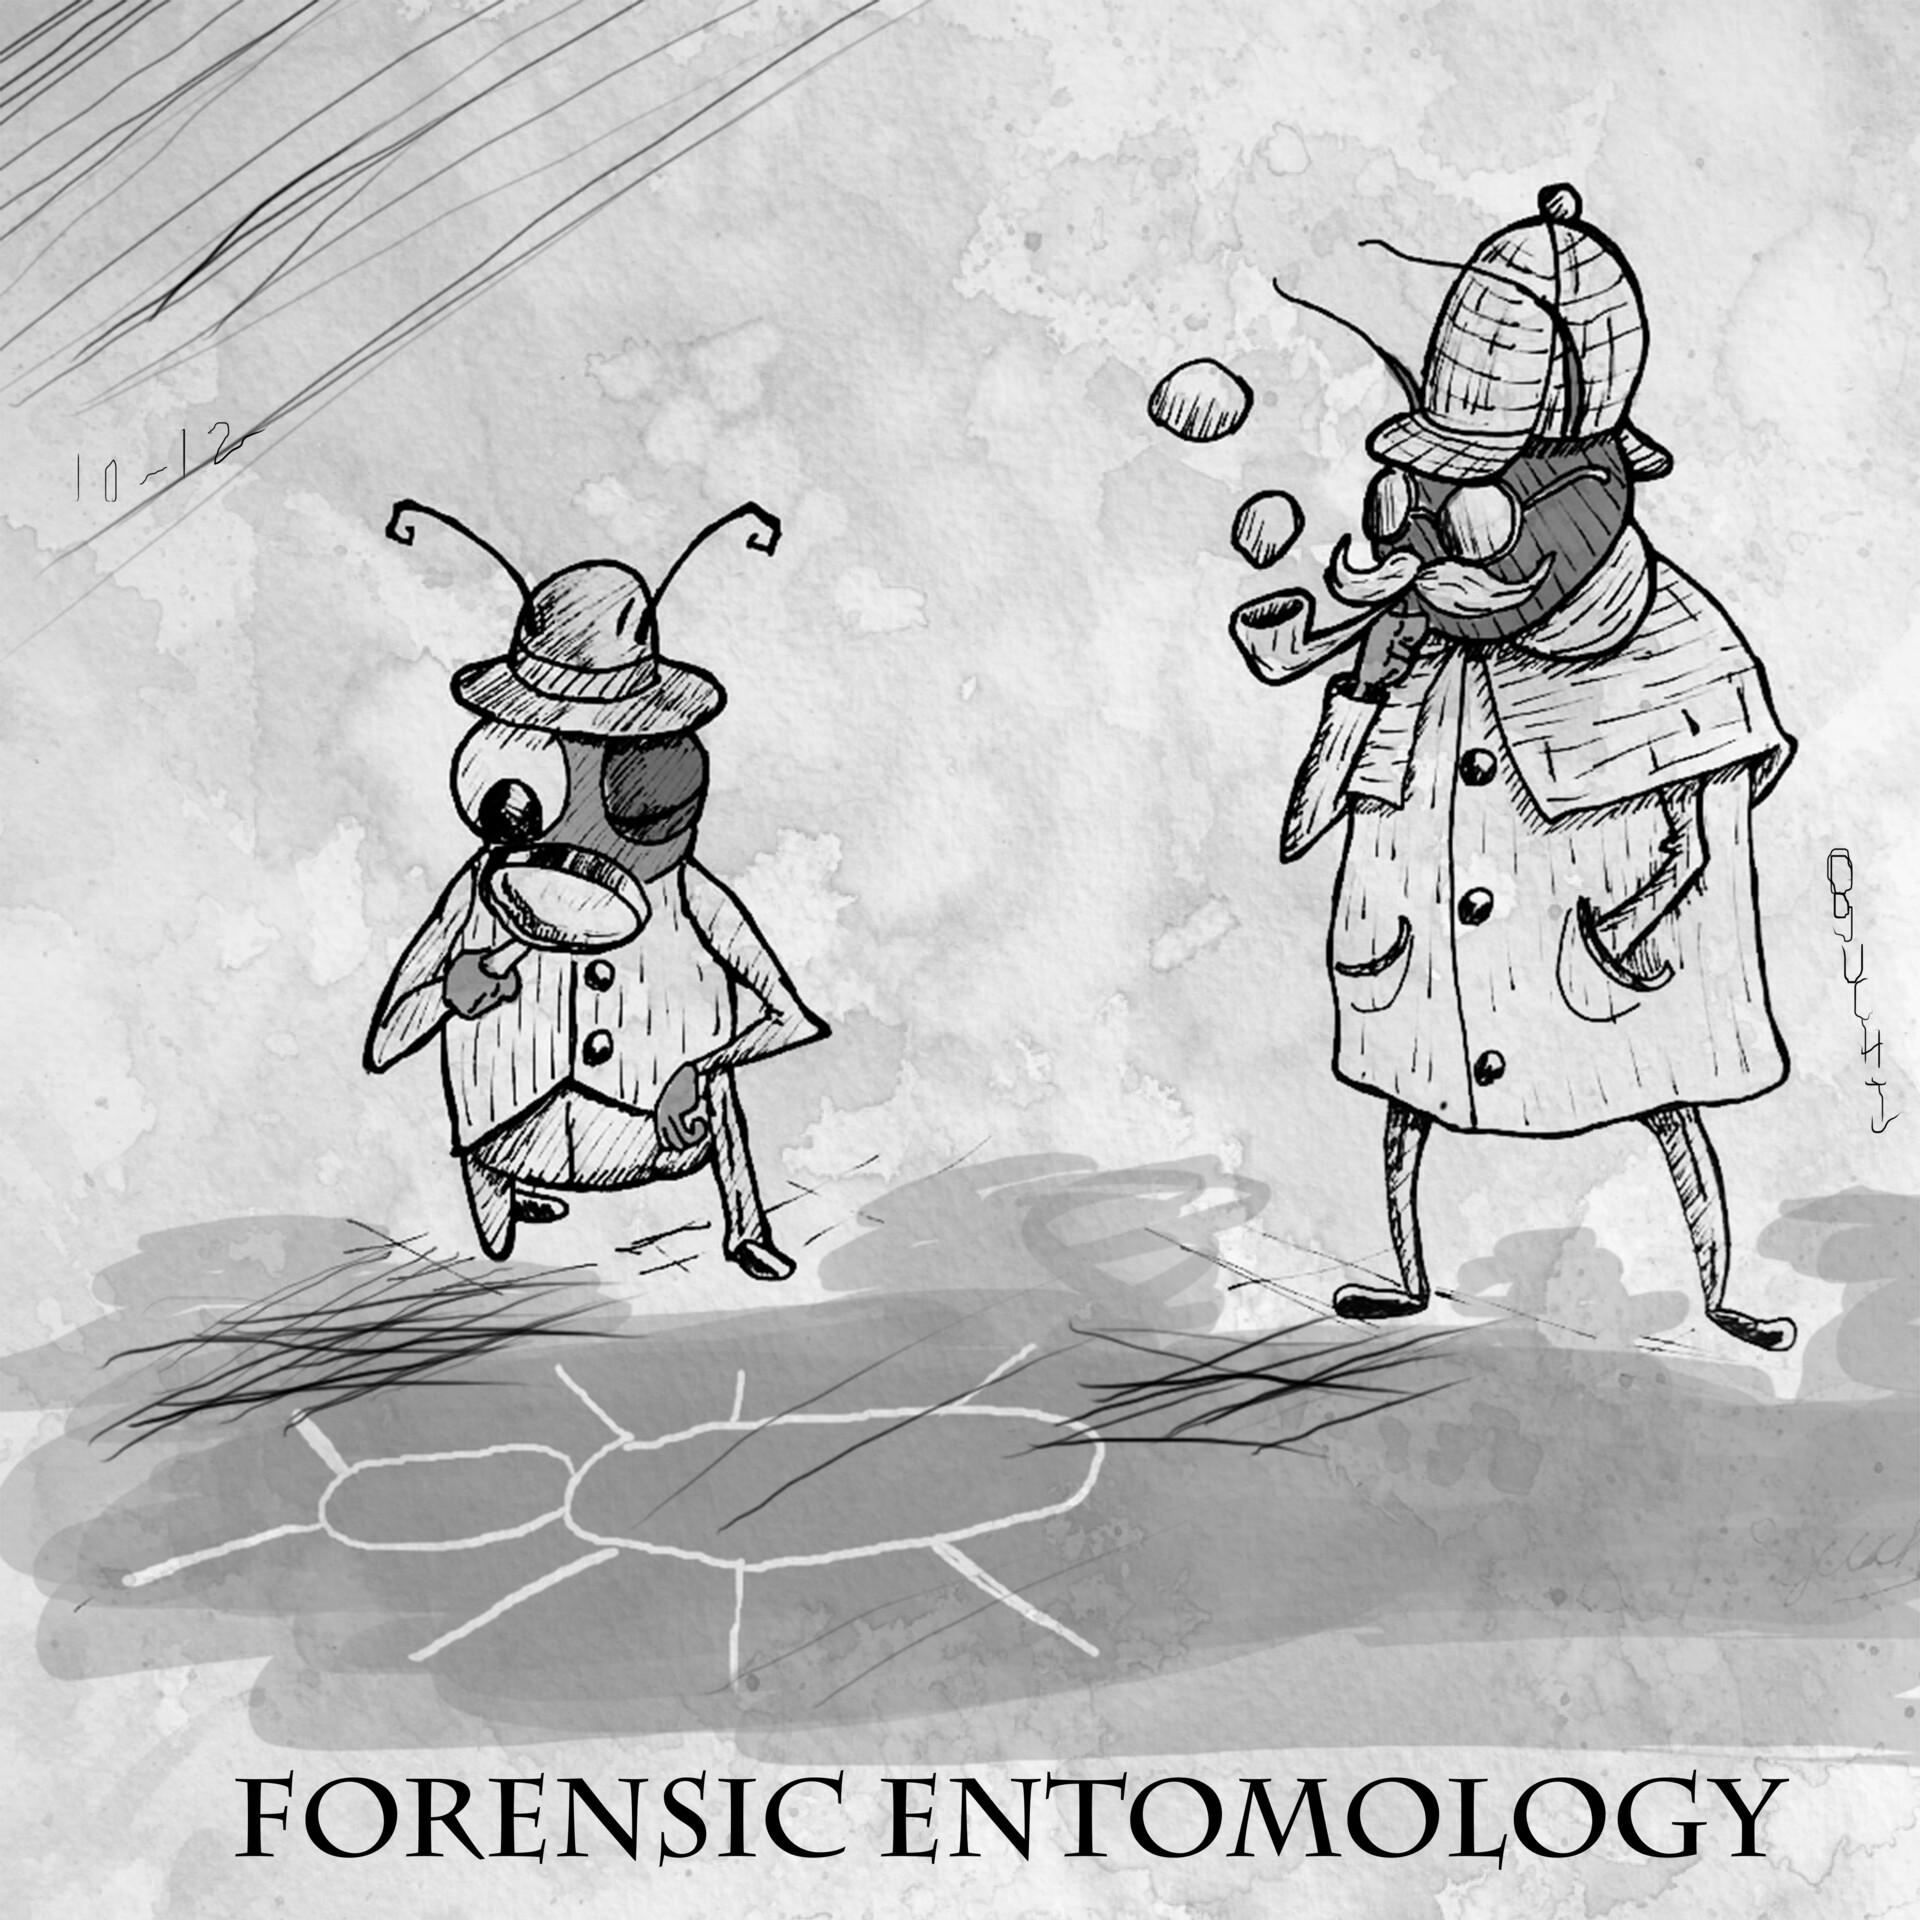 Artstation Forensic Entomology Student Magazine Illustration Oguchi Anyaele